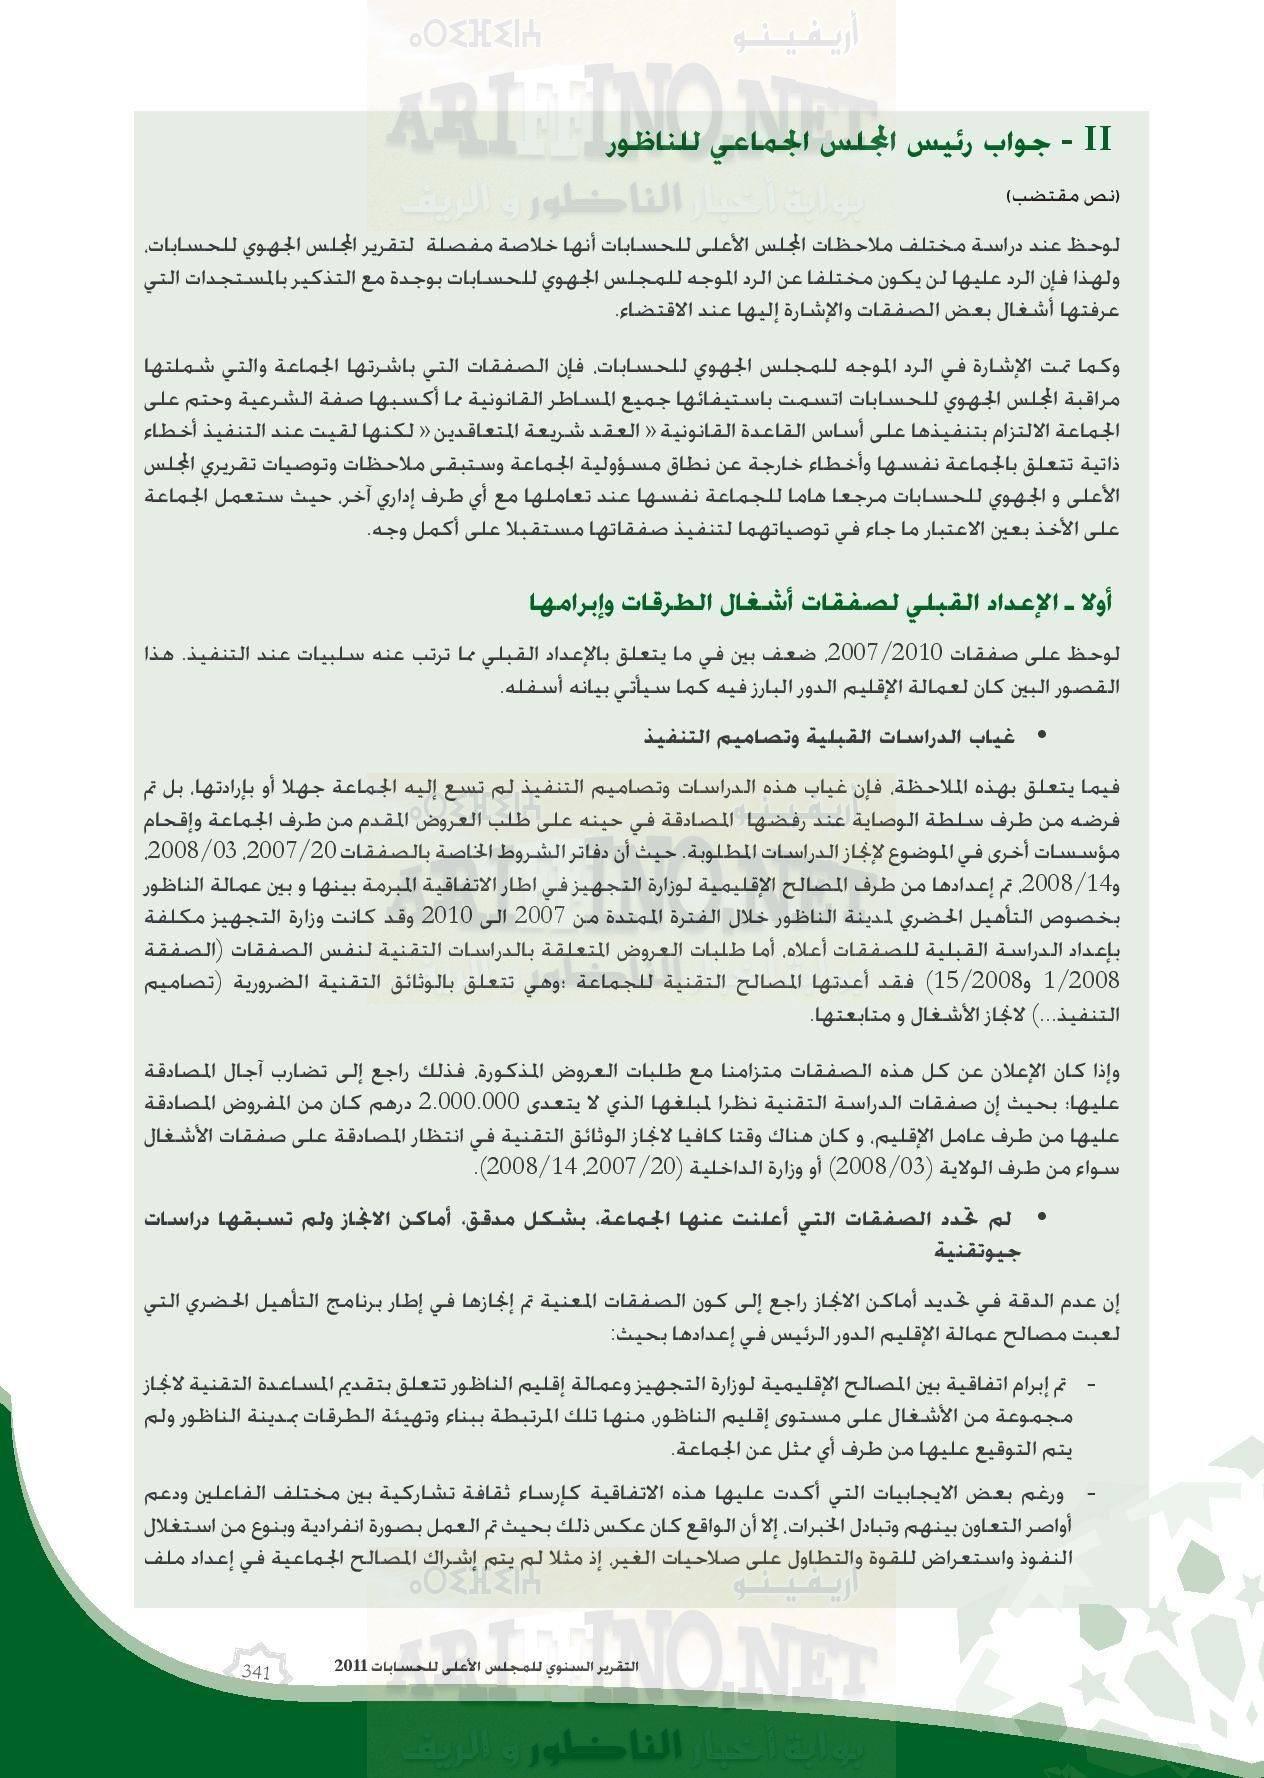 nador_0067 تقرير المجلس الاعلى للحسابات: بلدية الناظور تعيش إختلالات و عشوائية و عاجزة عن القيام بمهامها